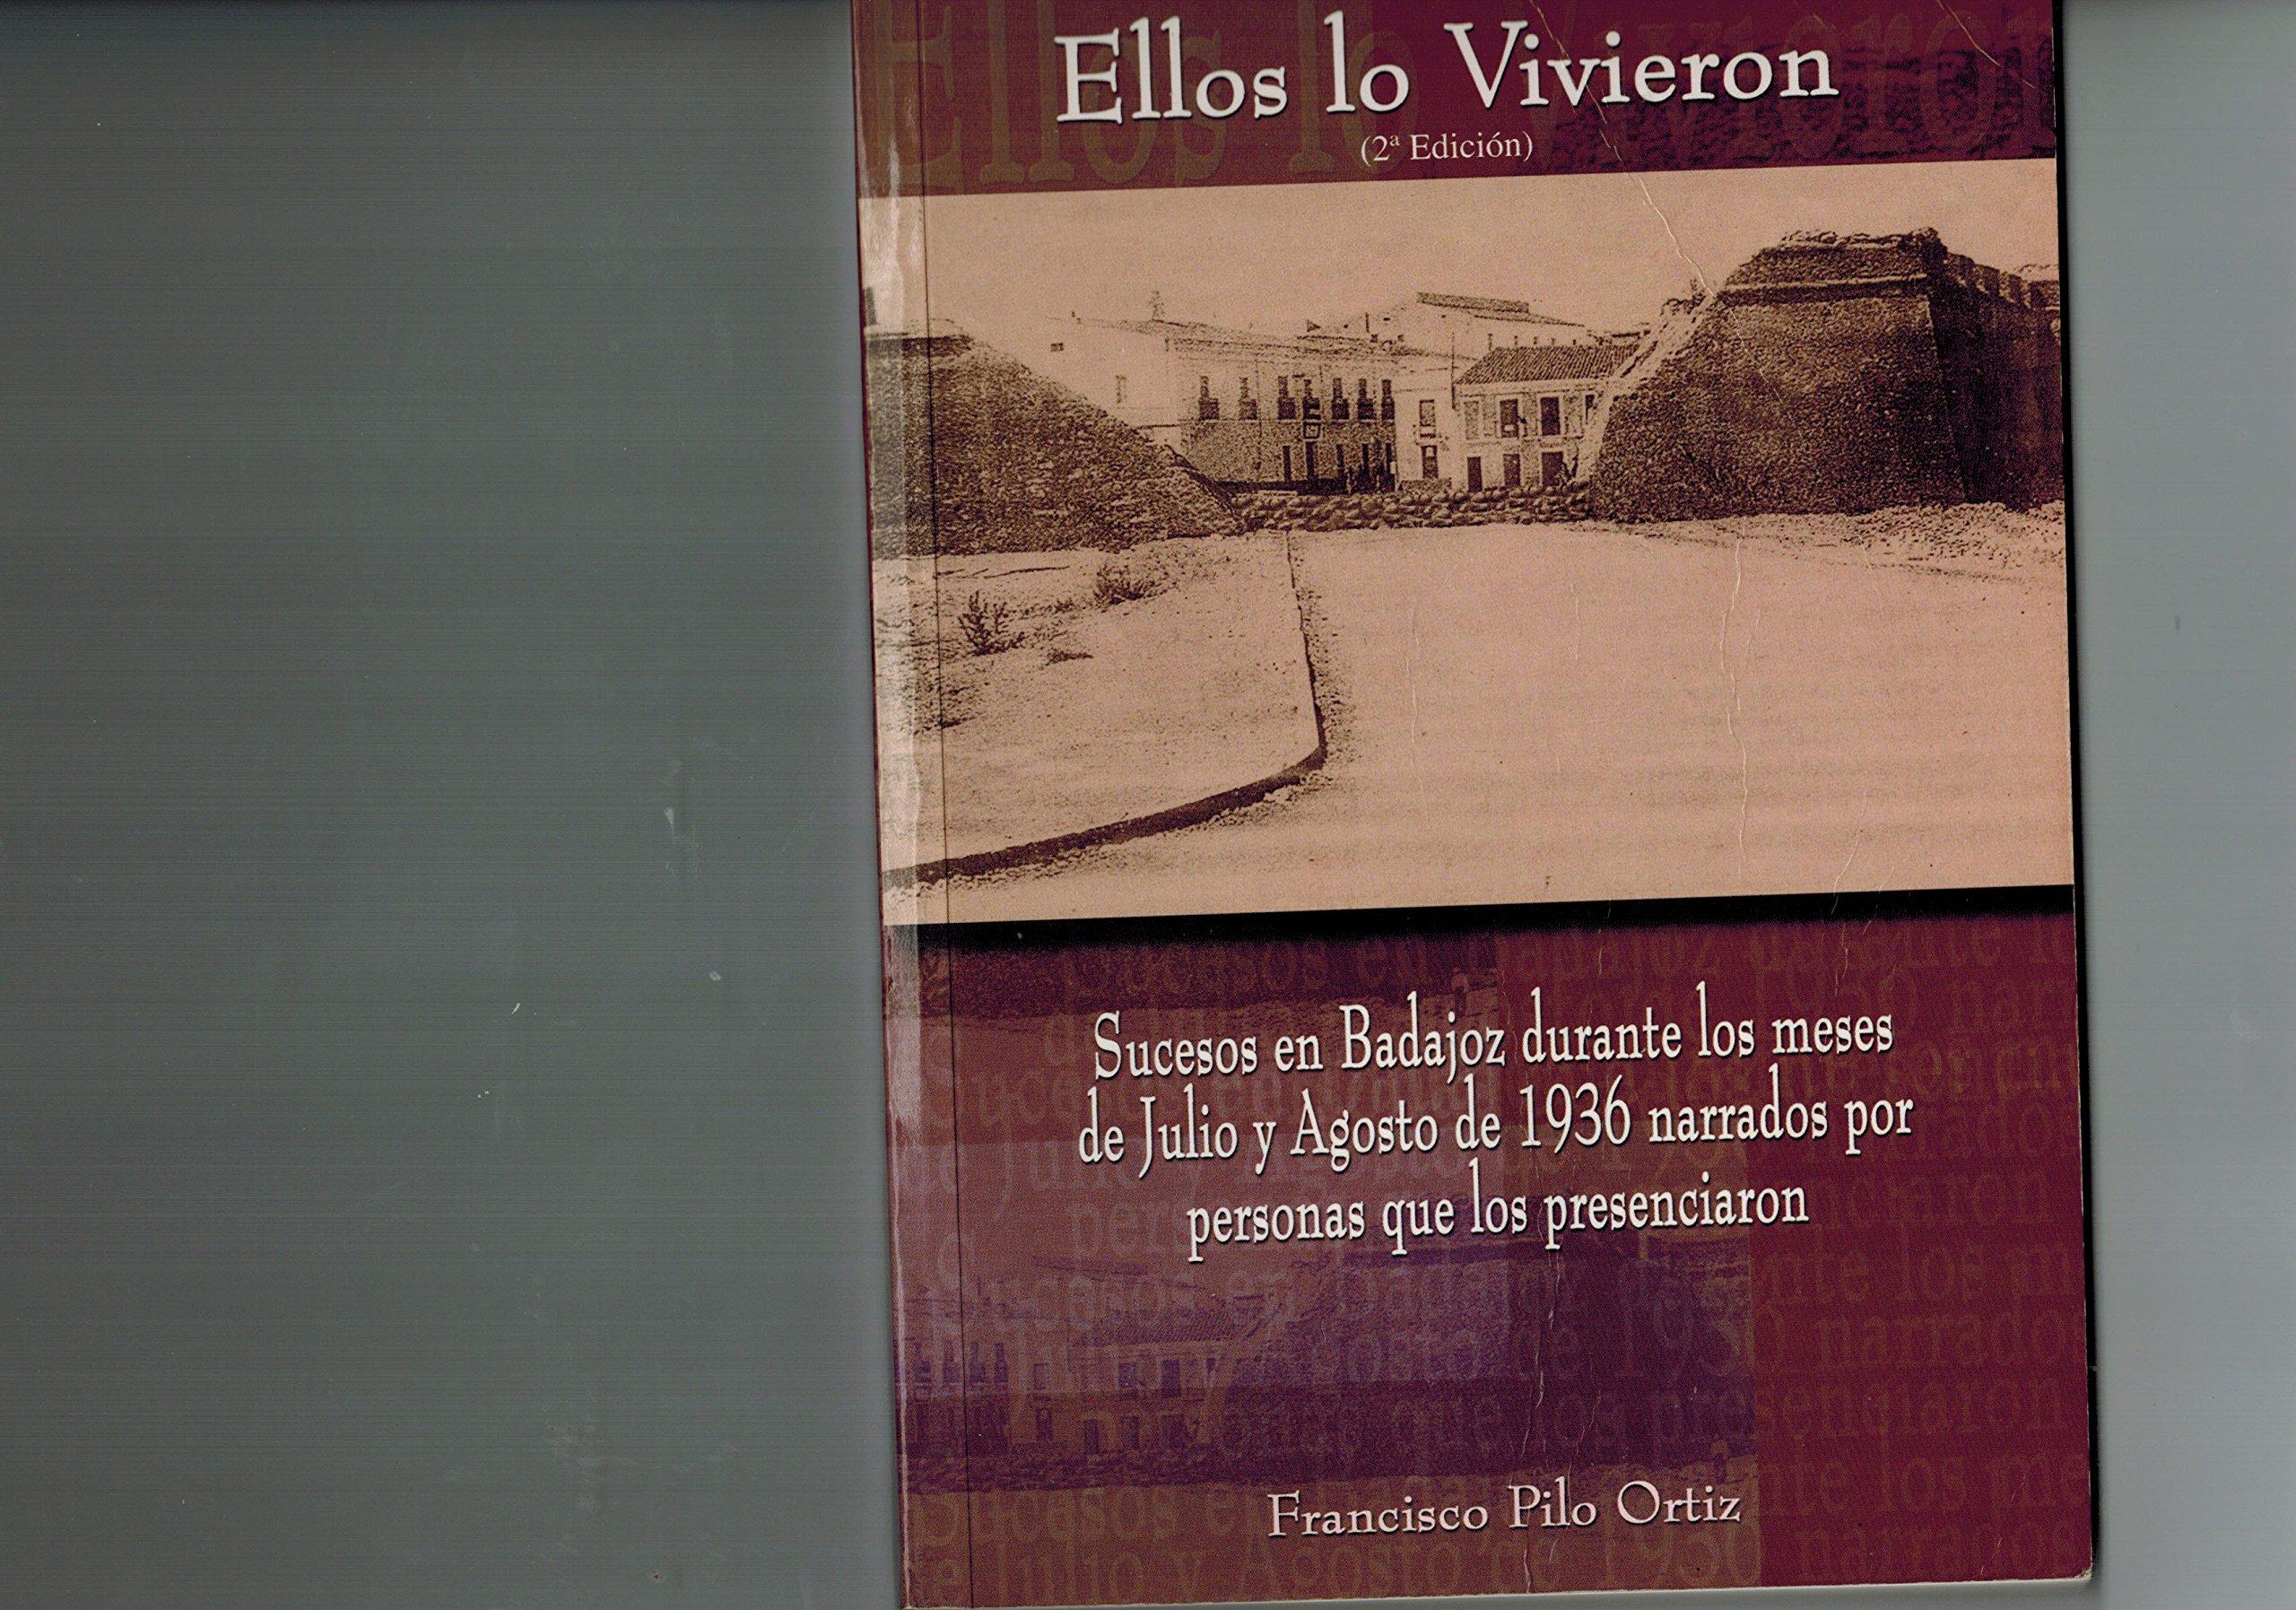 Ellos lo vivieron: sucesos badajozdurante meses Julio Agosto 1936, narrado personas que presenciaron: Amazon.es: Francisco Pilo Ortiz: Libros